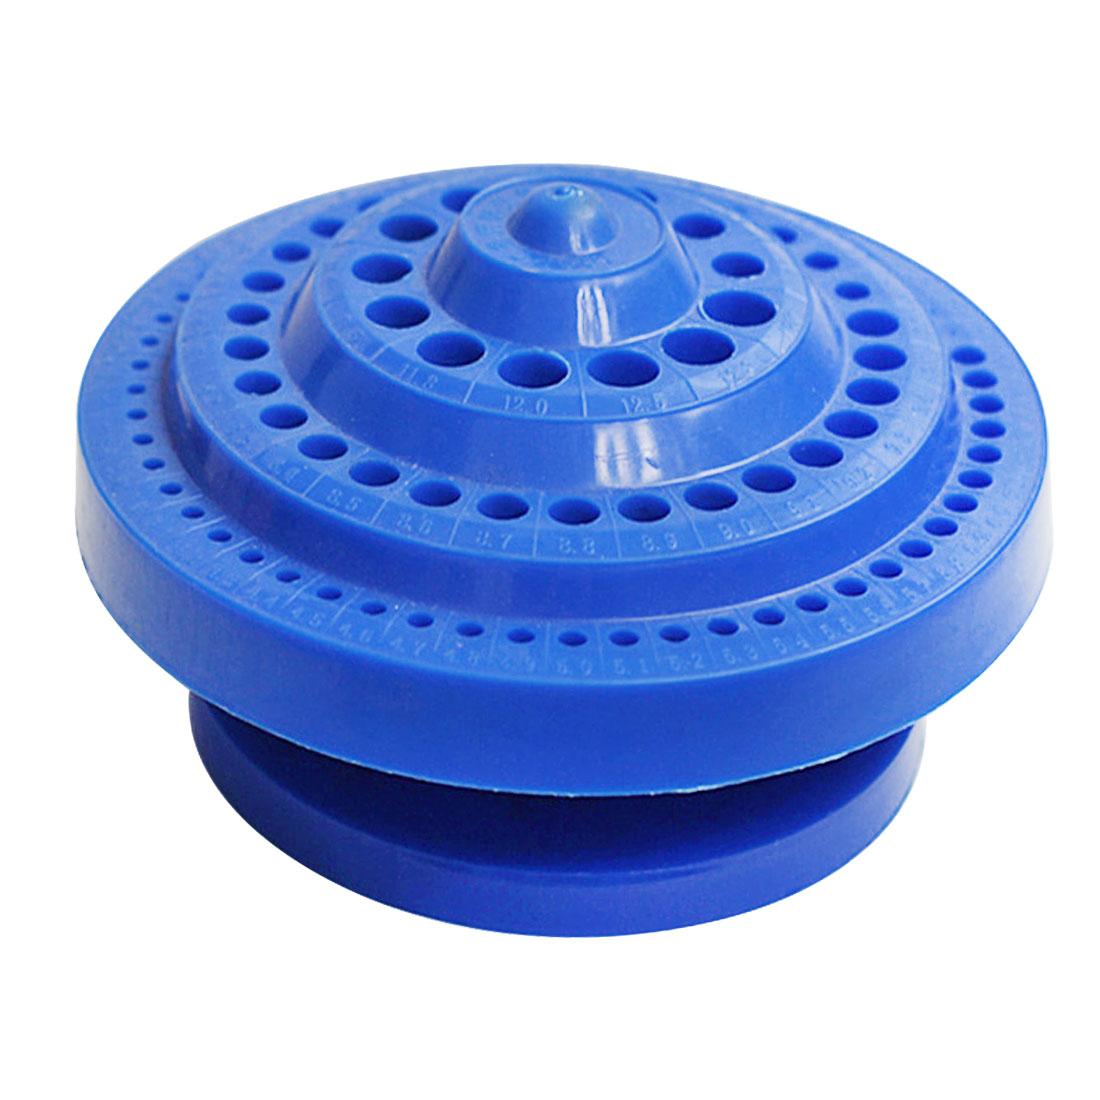 цена на New 1pcs Round Shape Plastic Hard 100pcs 1-13mm Drill Bit Storage Case Blue